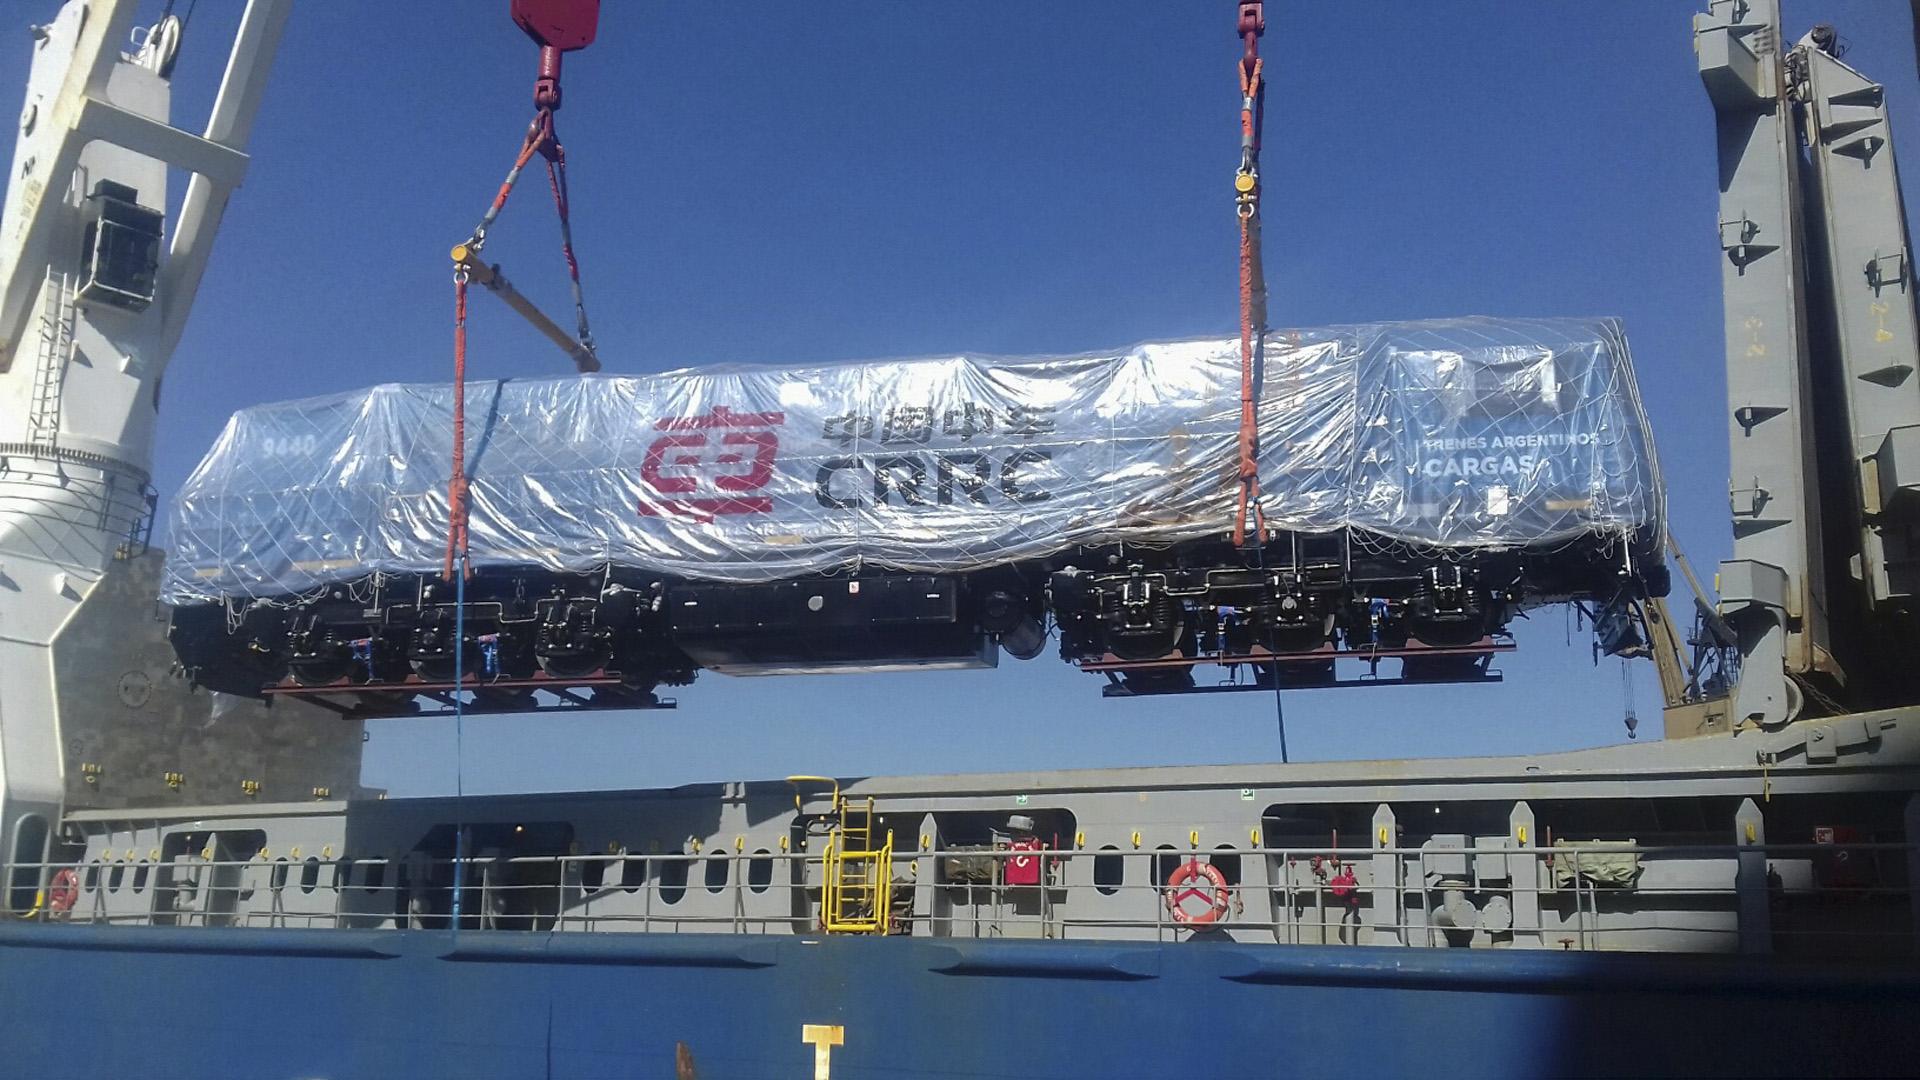 Arribaron al Puerto de Buenos Aires 8 locomotoras y 21 vagones provenientes de China a bordo del buque BBC Steinhoeft, destinados a la línea San Martín